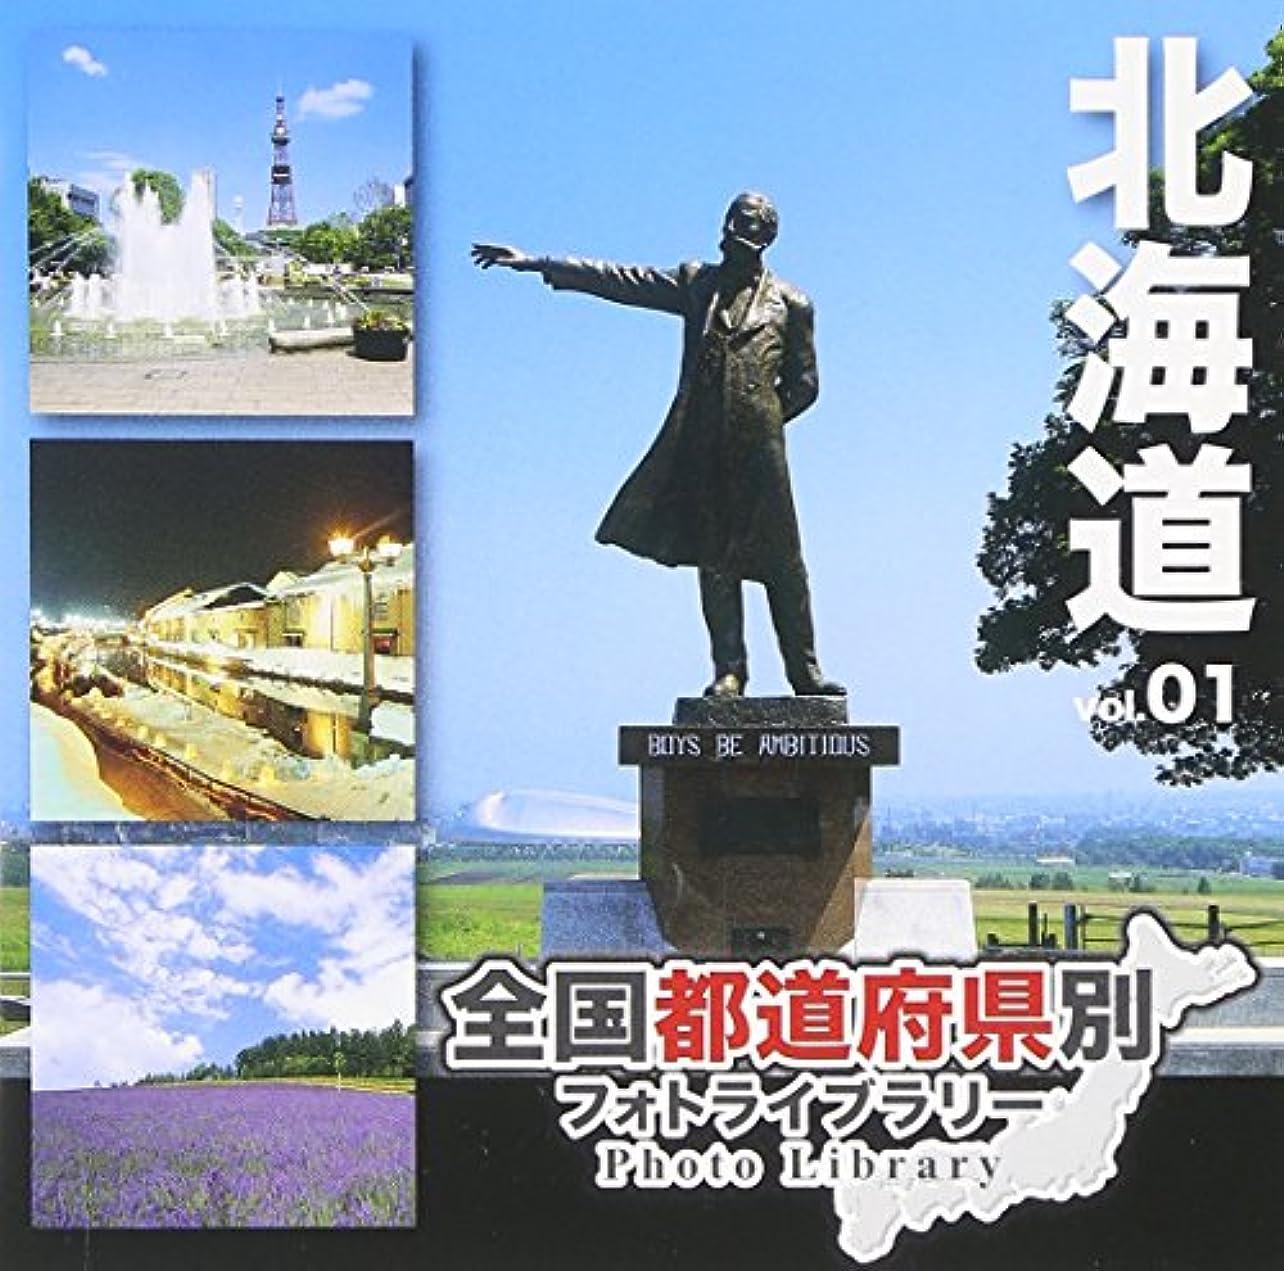 採用エッセイ洗練された全国都道府県別フォトライブラリー Vol.01 北海道